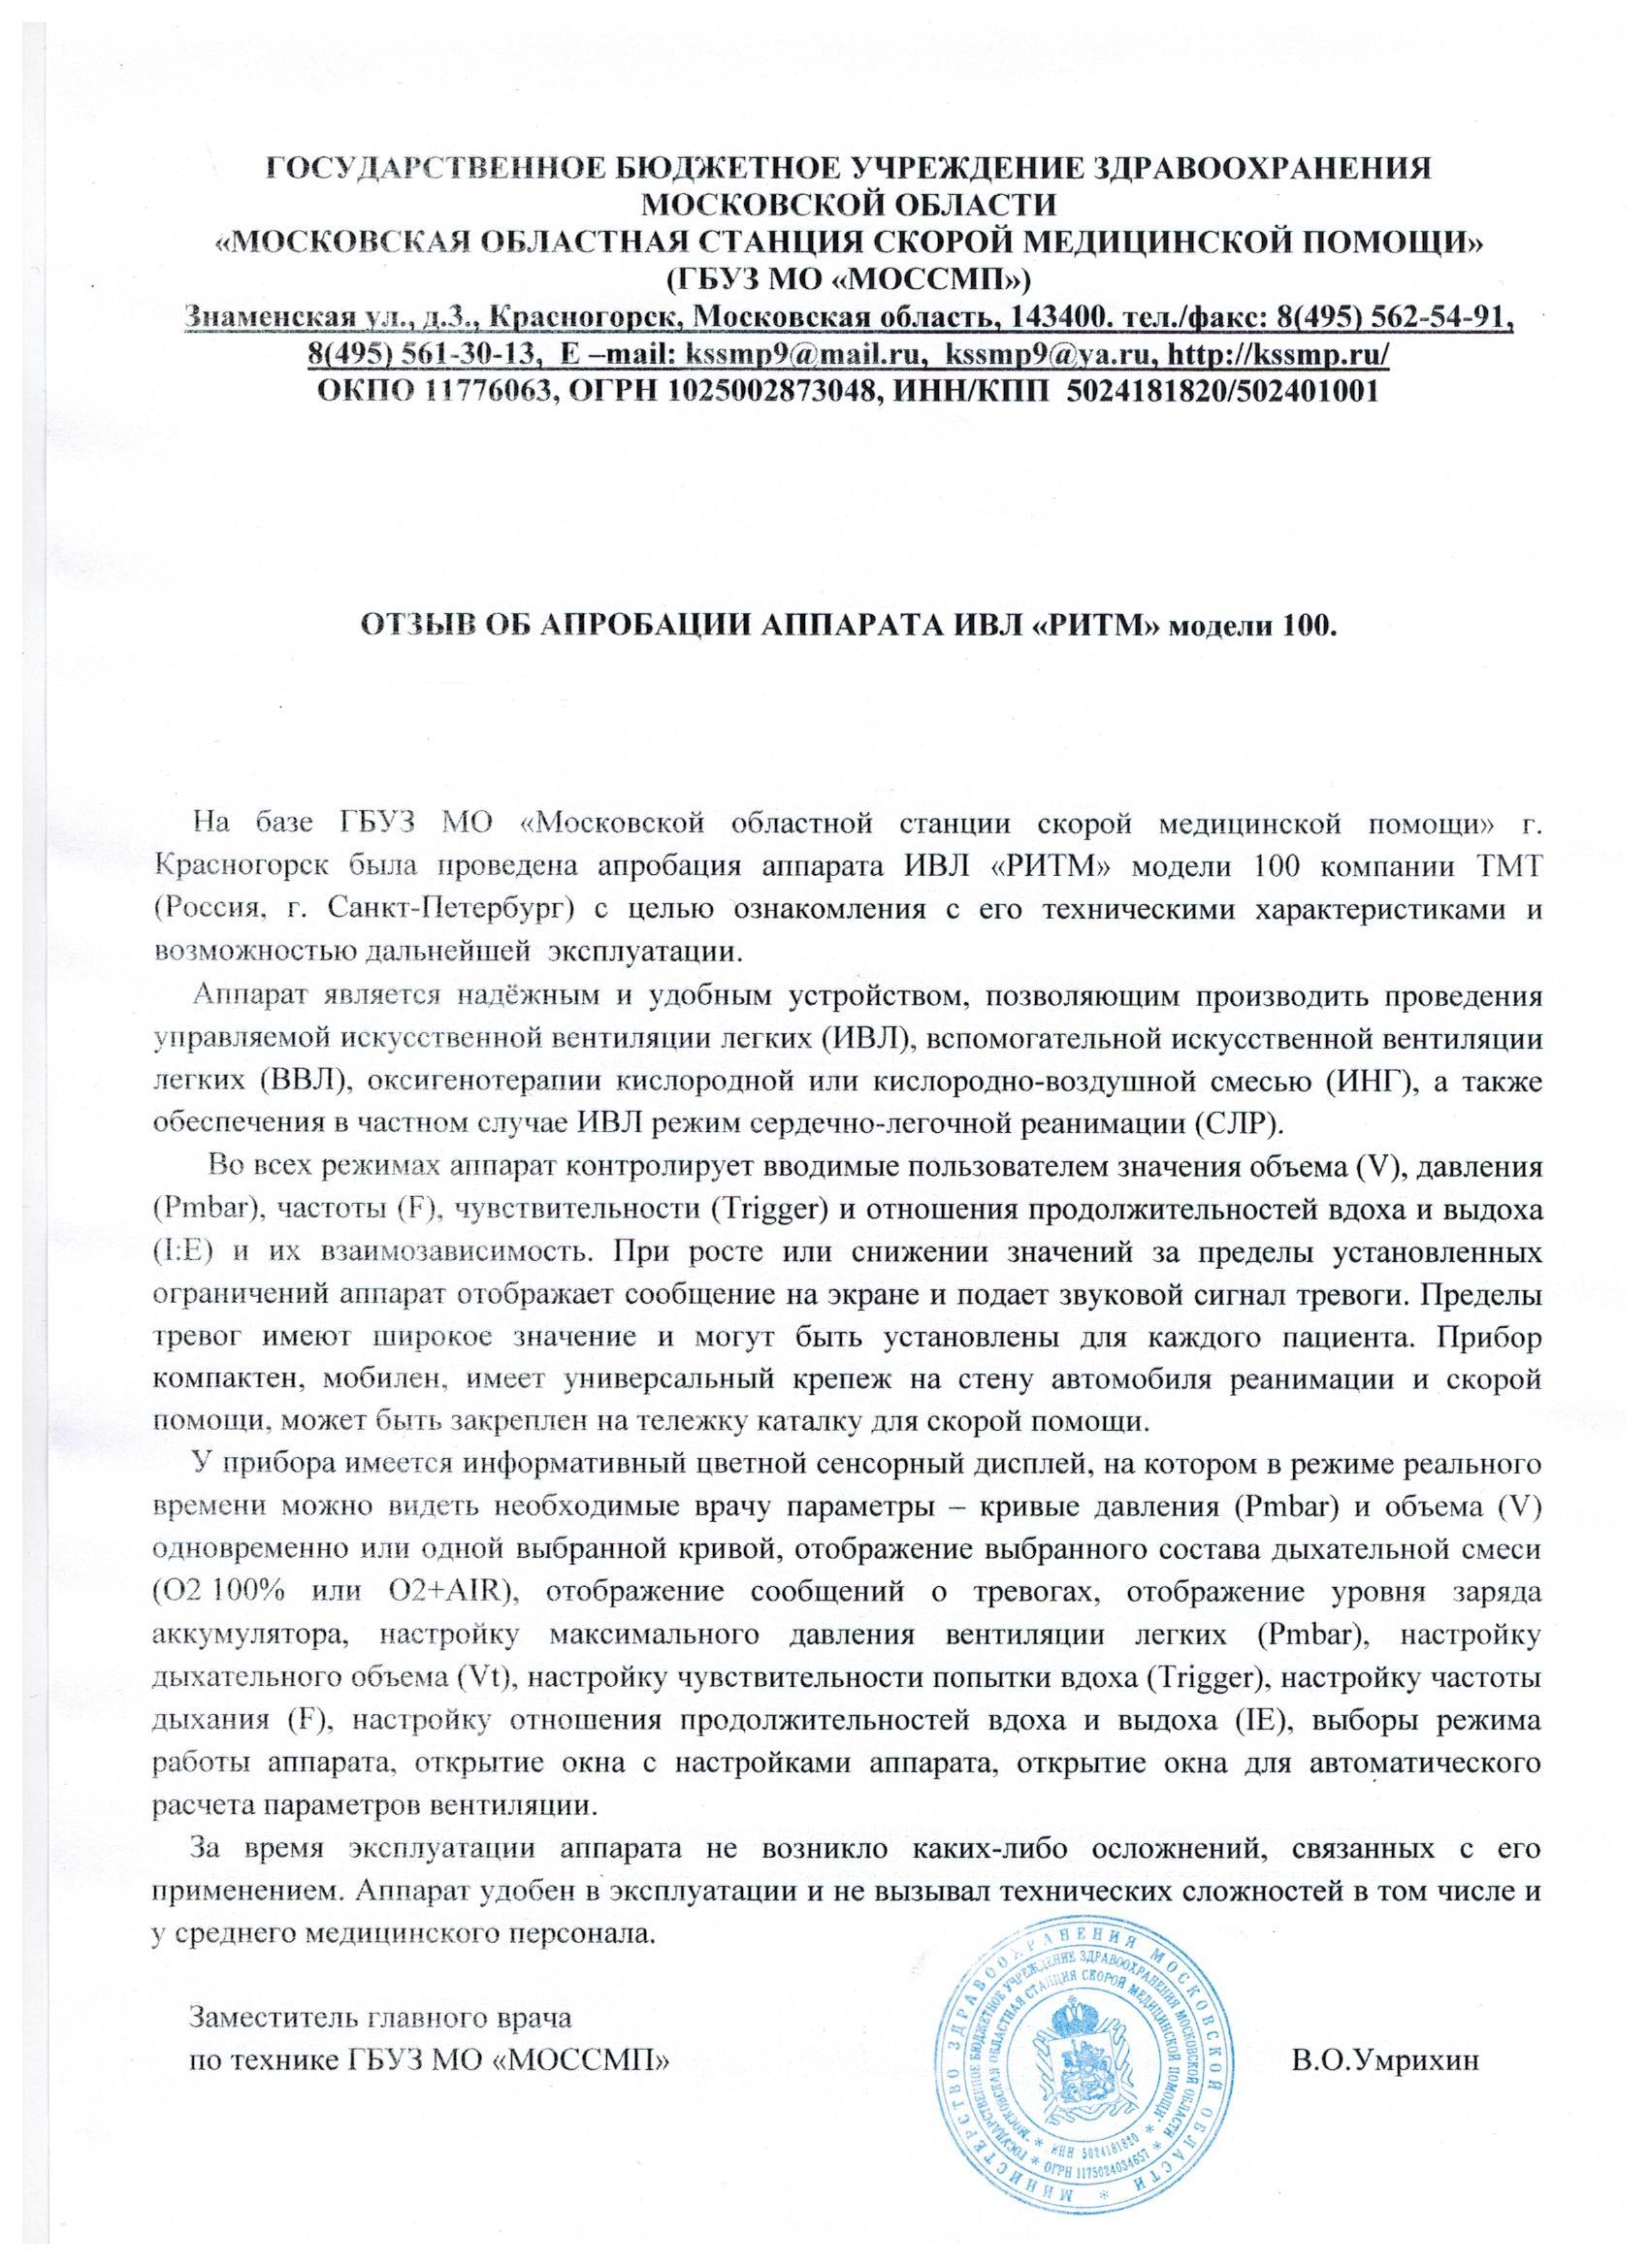 Отзыв об аппарате ИВЛ РИТМ 100 от Москвоской станции скорой медицинской помощи